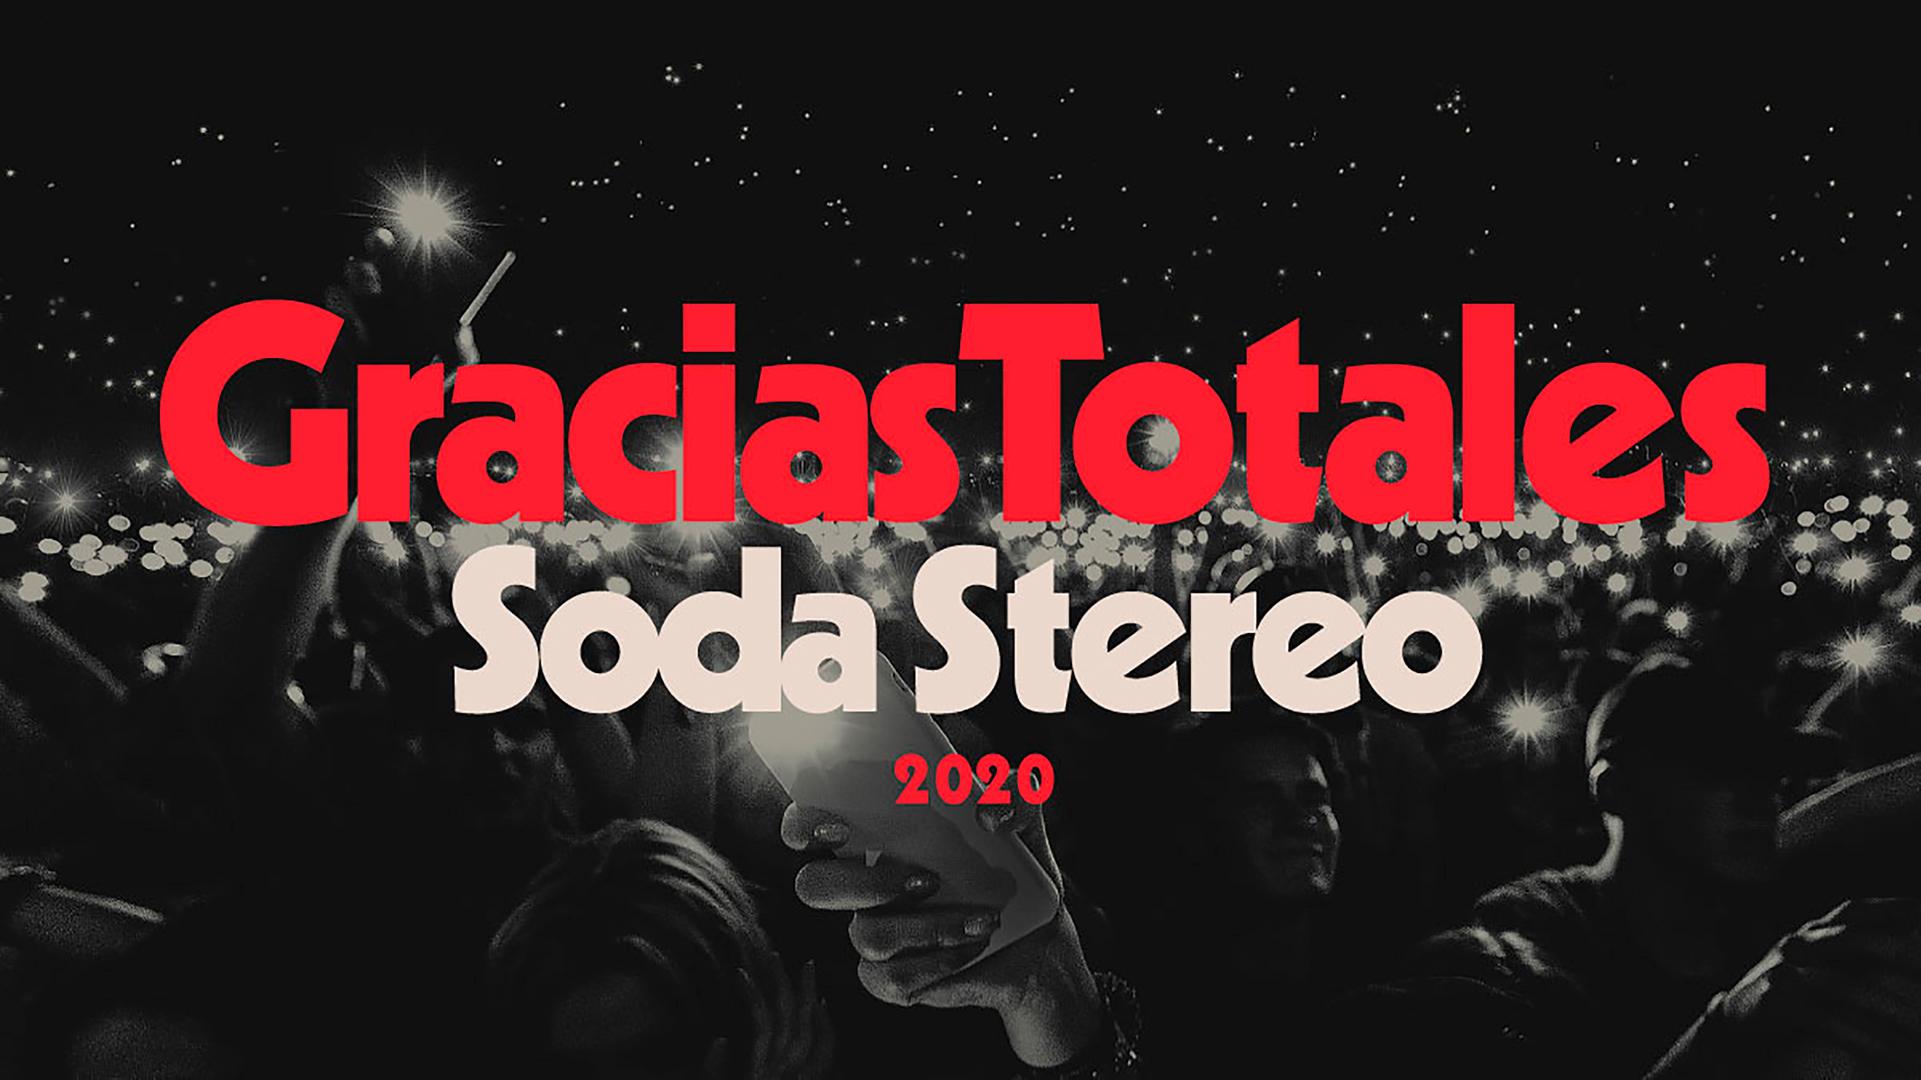 Prográmese para los conciertos del 2020 en Bogotá